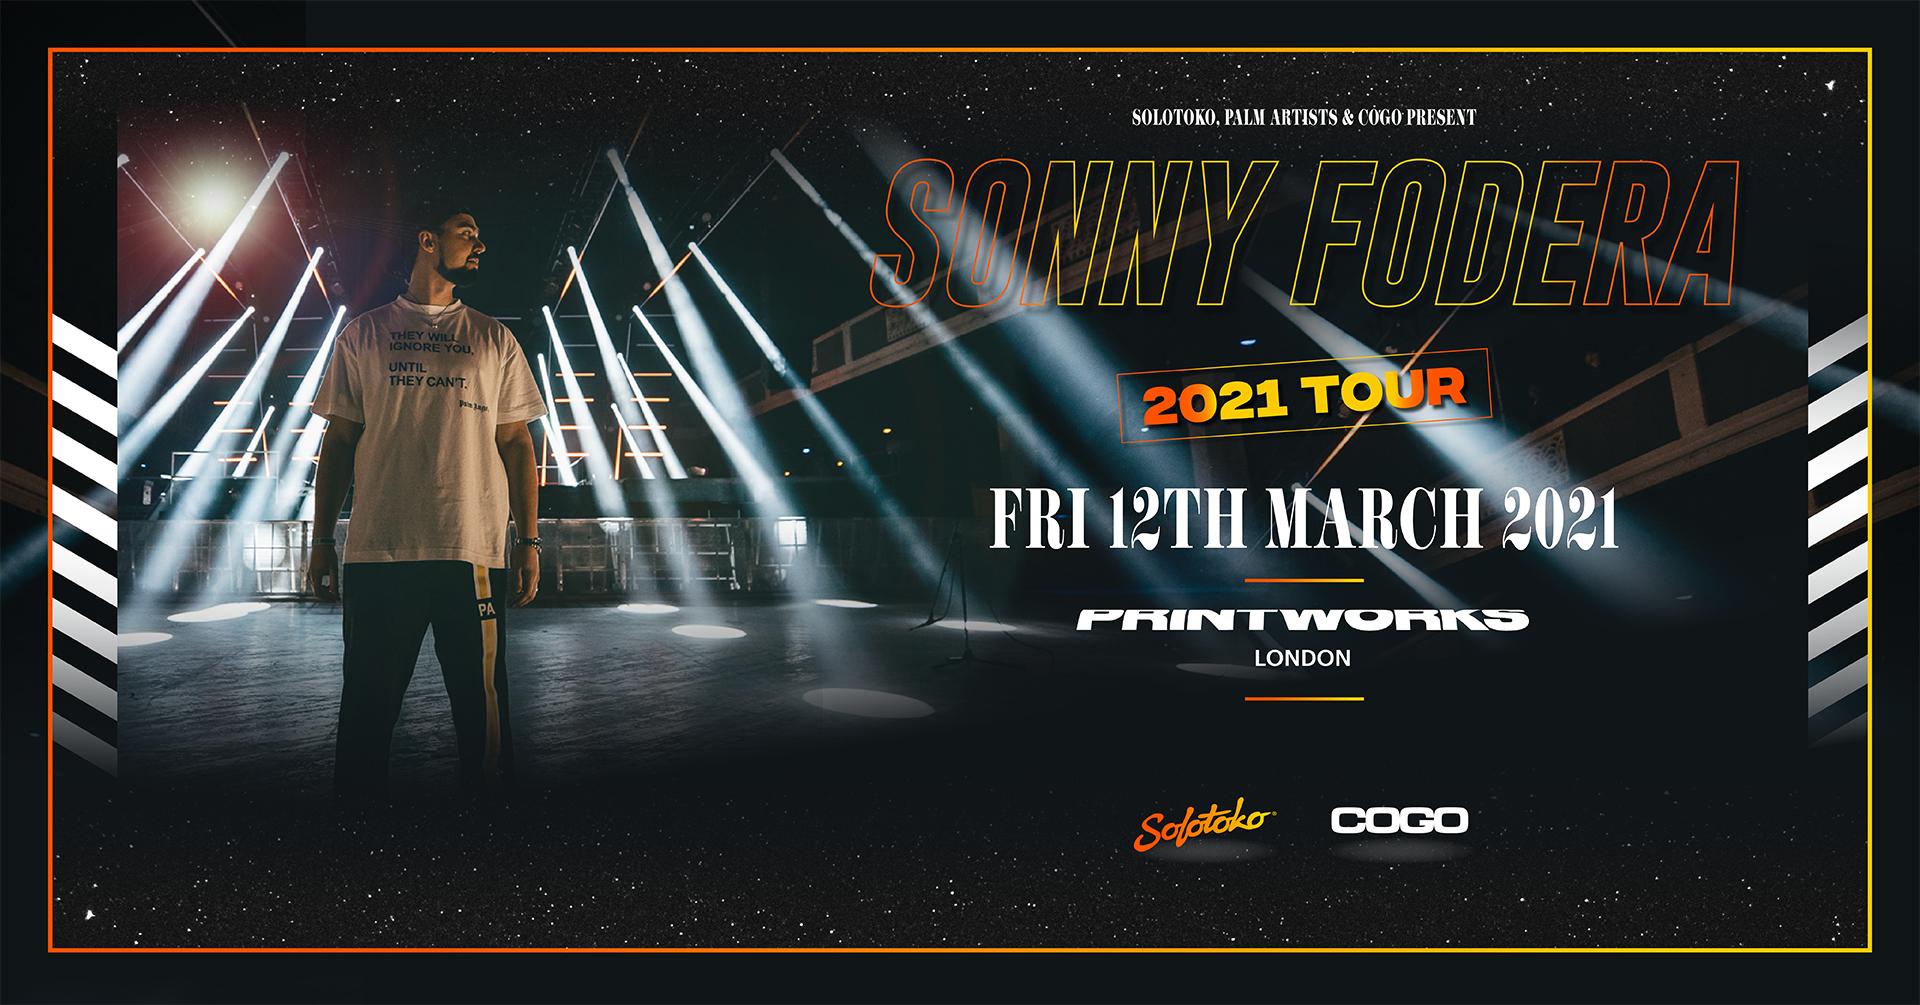 Sonny Fodera - 2021 UK Tour